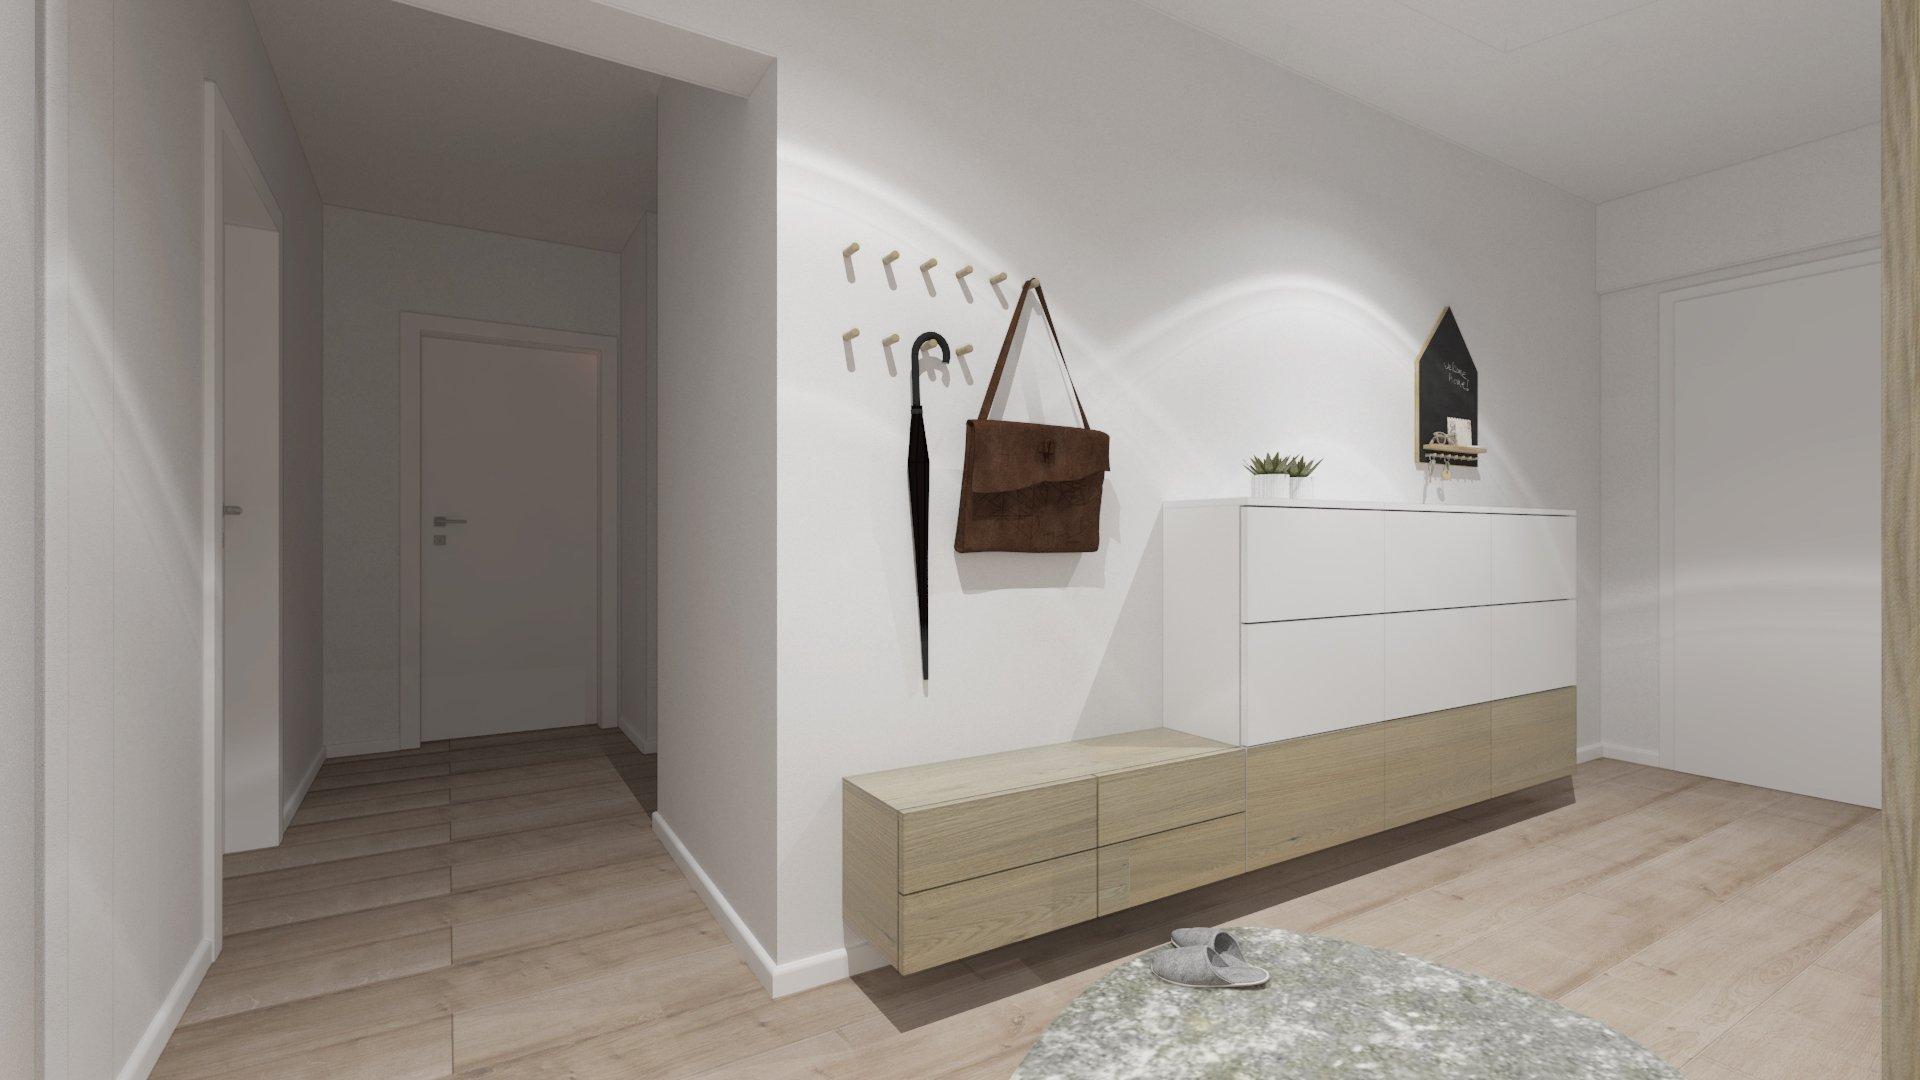 Interiér bytu sa nesie v neutrálnych farebných odtieňoch. V kuchyni sme vytvorili ostrov s dostatočnou pracovnou plochou a barovým sedením, na ktorý plynulo…